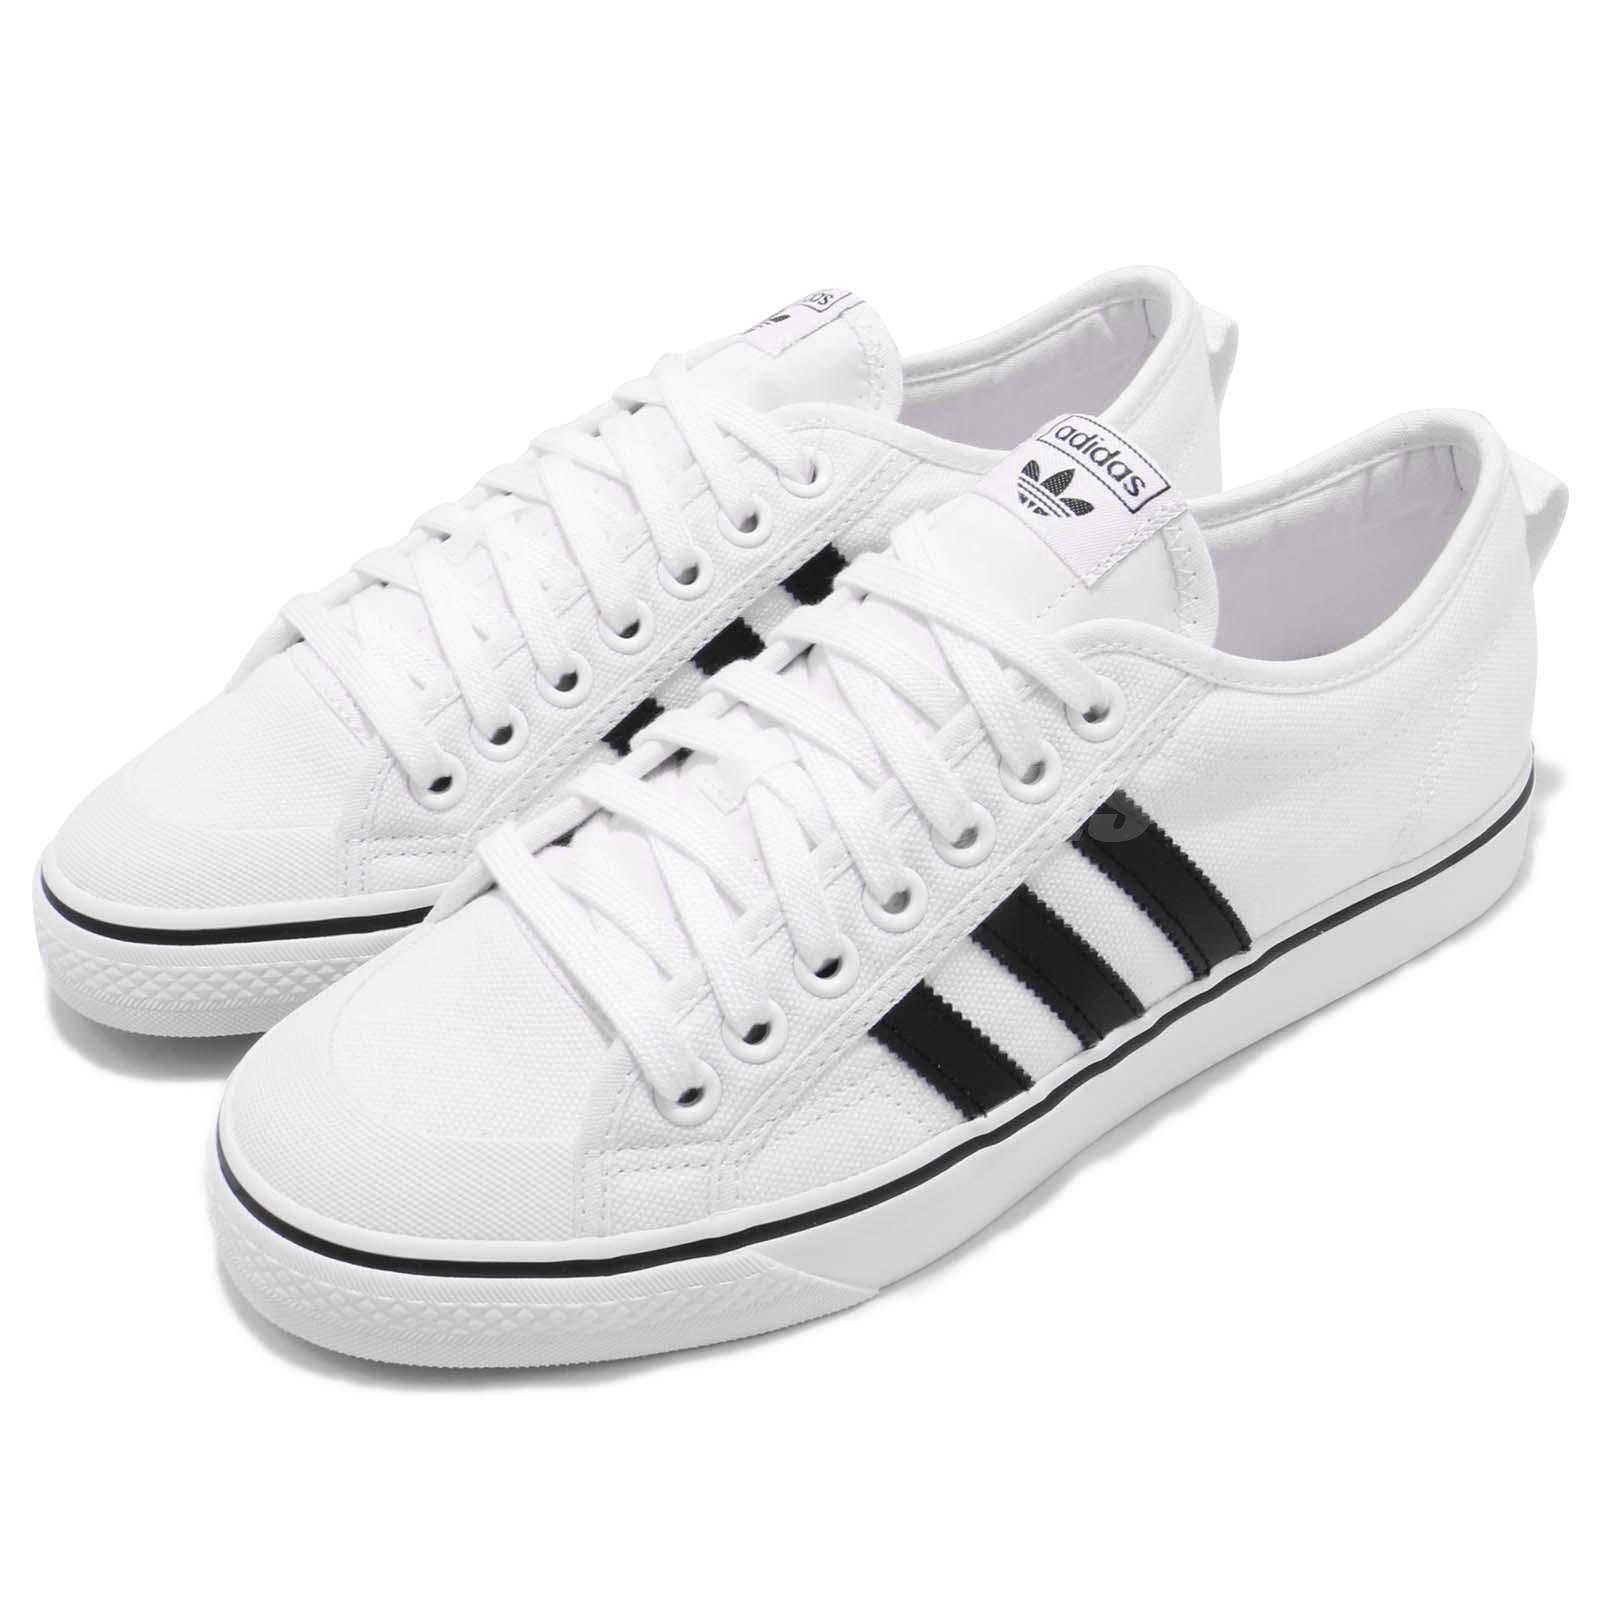 Adidas Originals Nizza Footwear blanco Core negro Men Casual zapatos zapatilla de deporte CQ2333